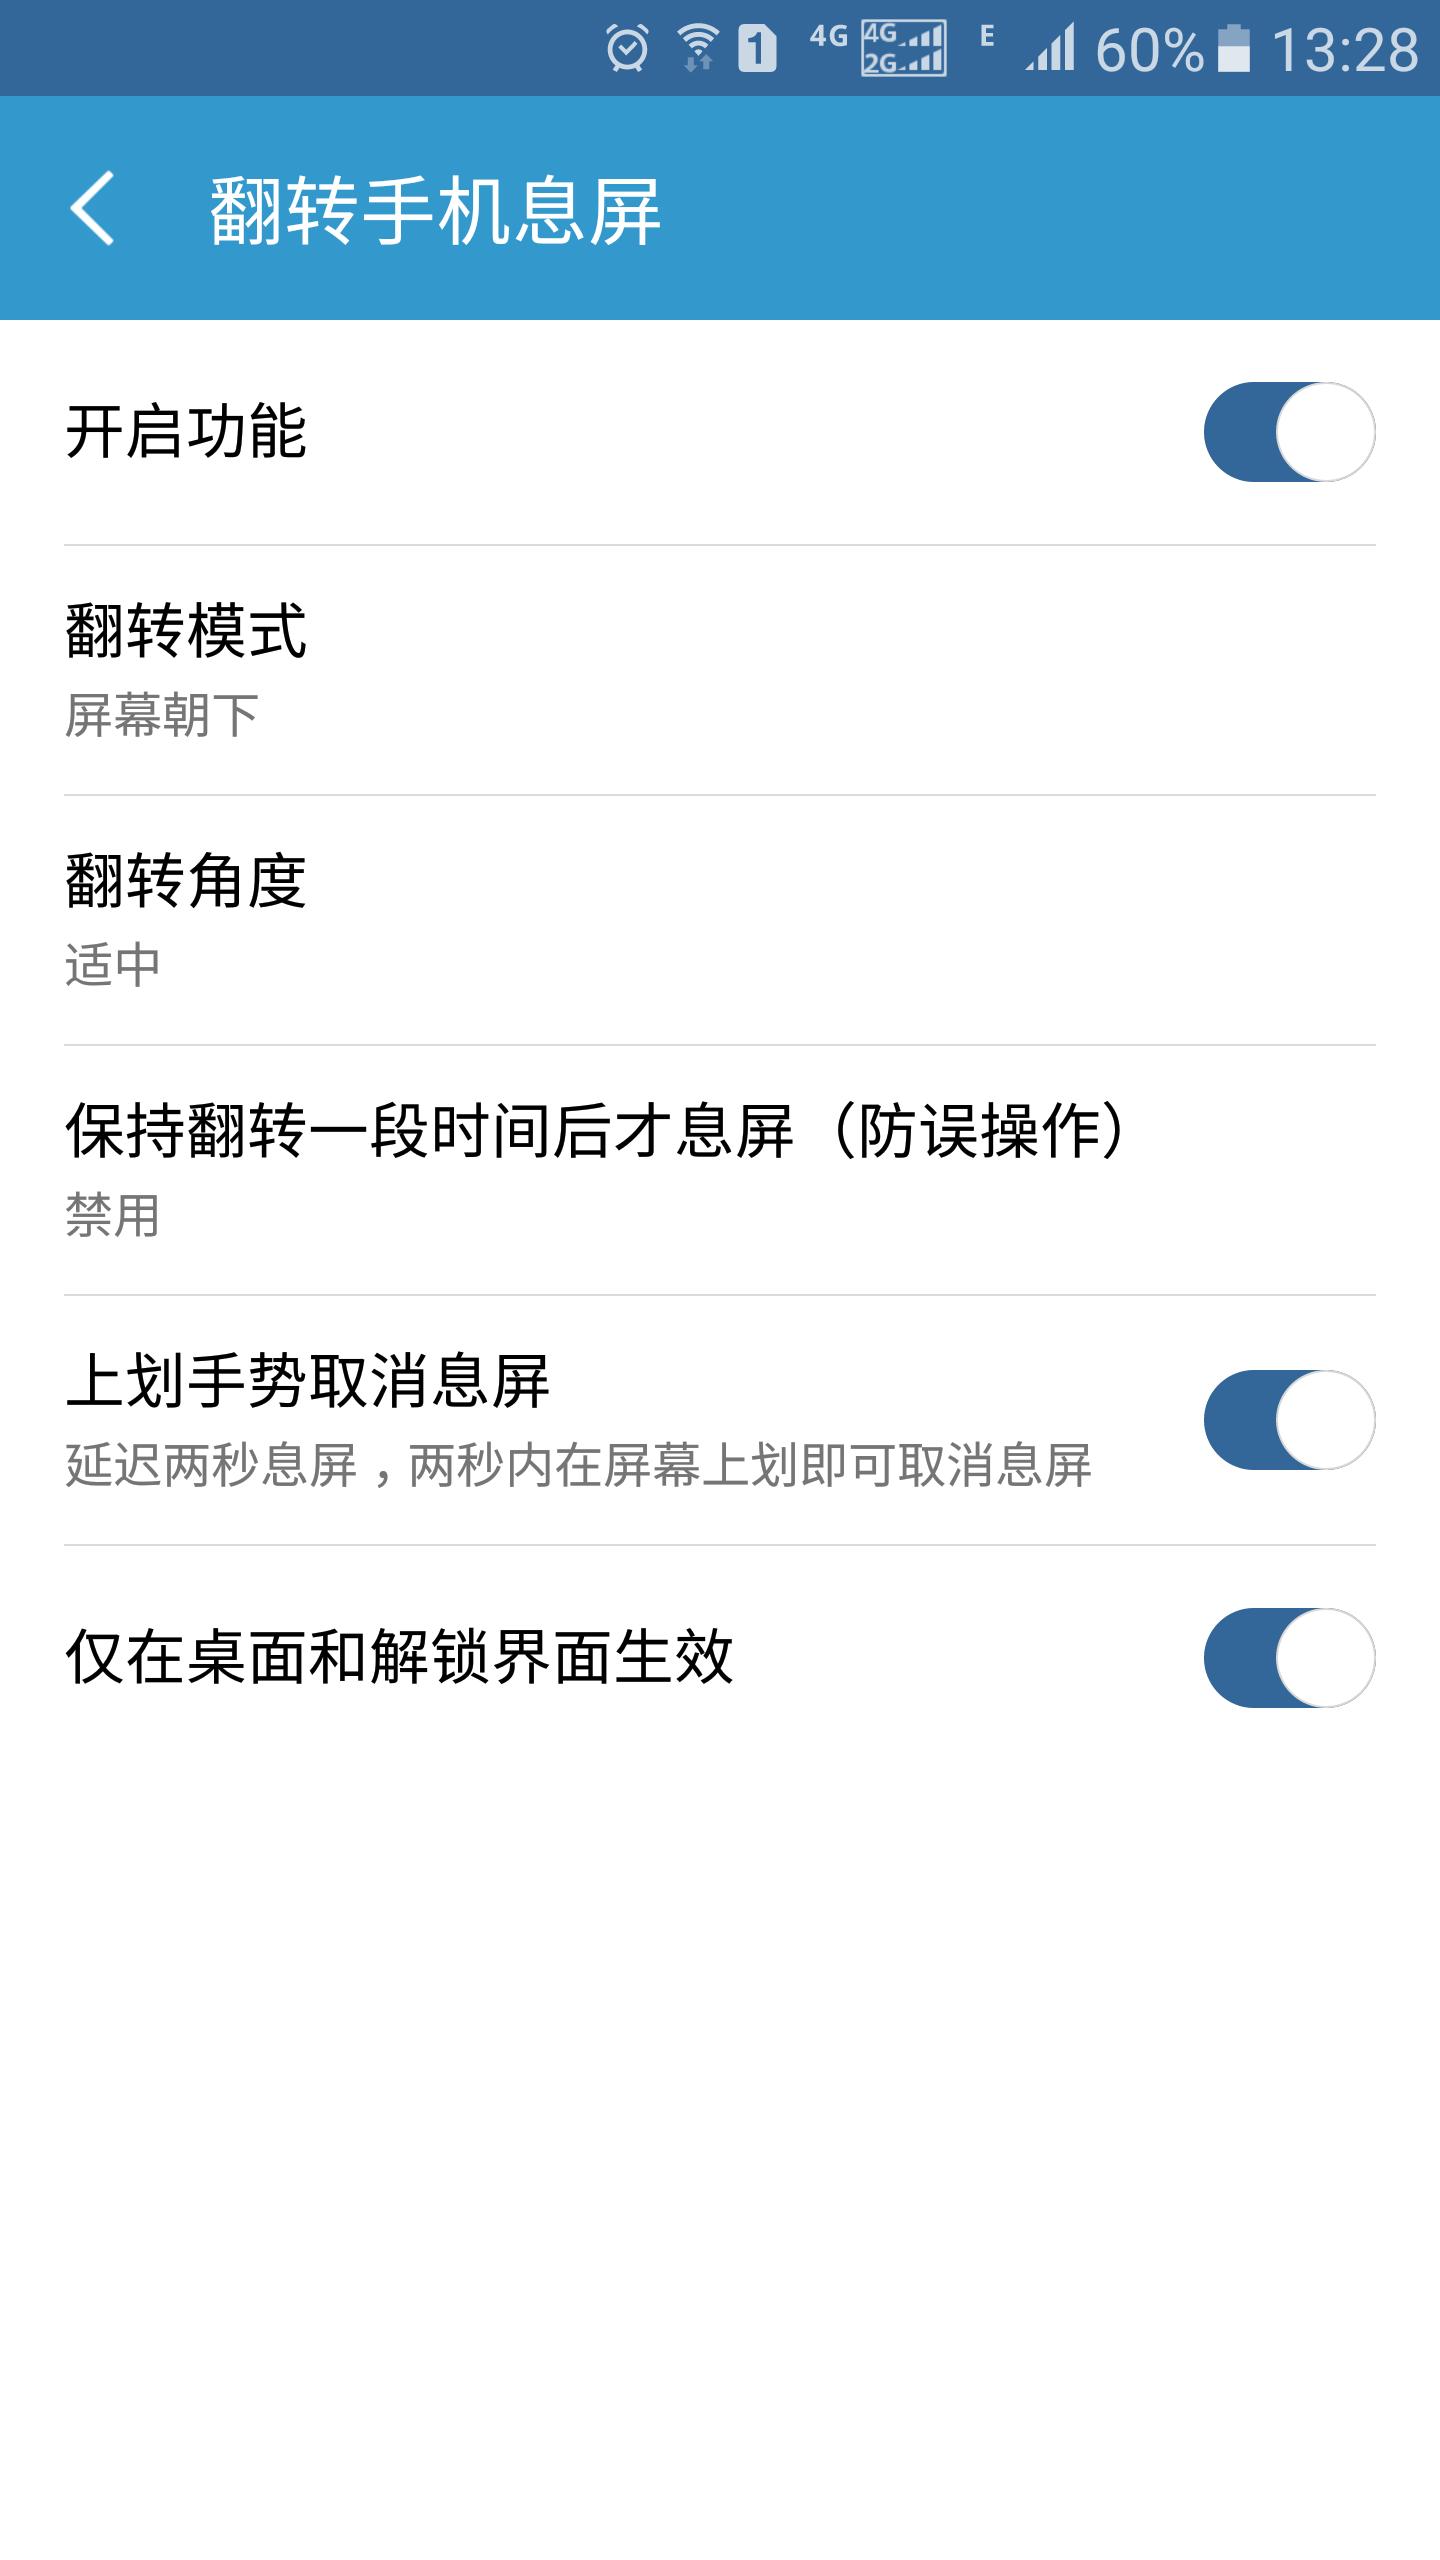 轻息屏 V2.3.7 安卓版截图4